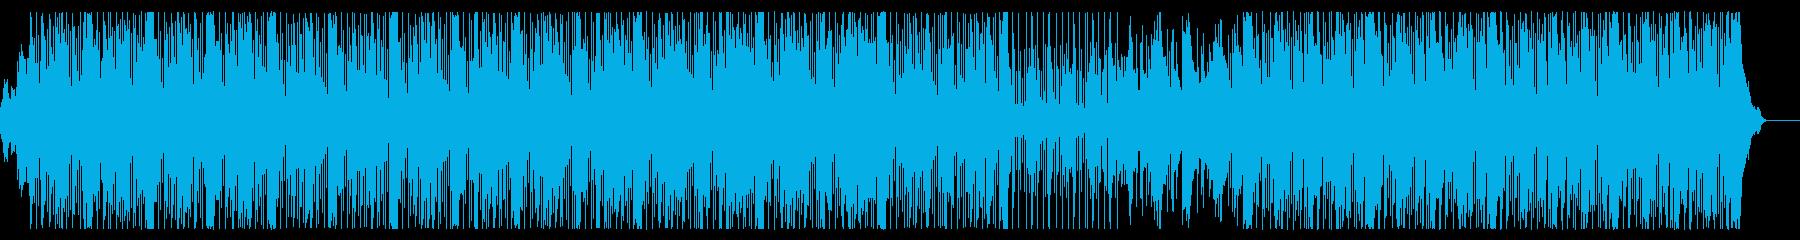 トレンディなビートを備えた現代的な...の再生済みの波形